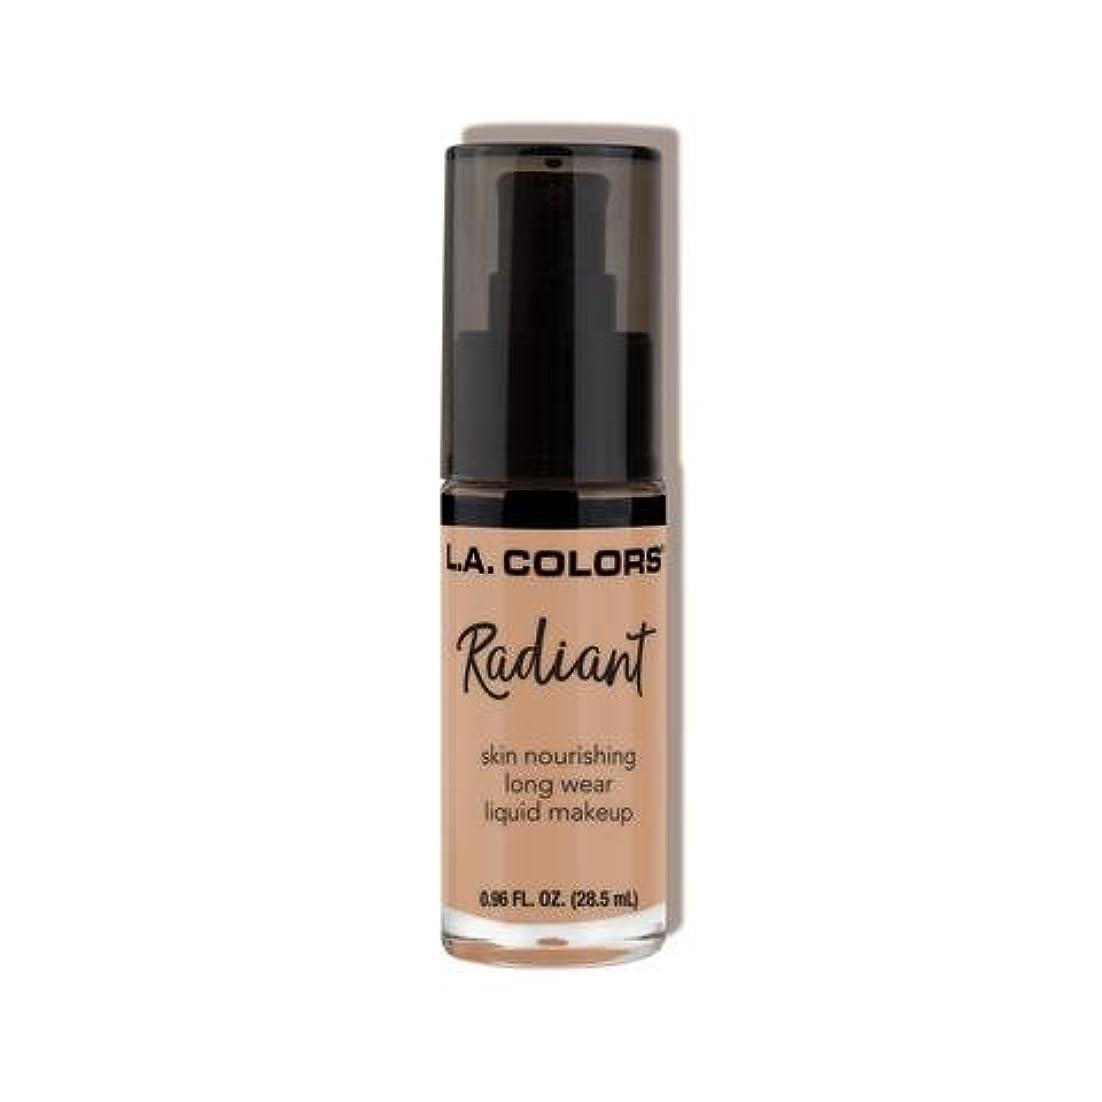 トランペット怒る戻る(3 Pack) L.A. COLORS Radiant Liquid Makeup - Medium Tan (並行輸入品)